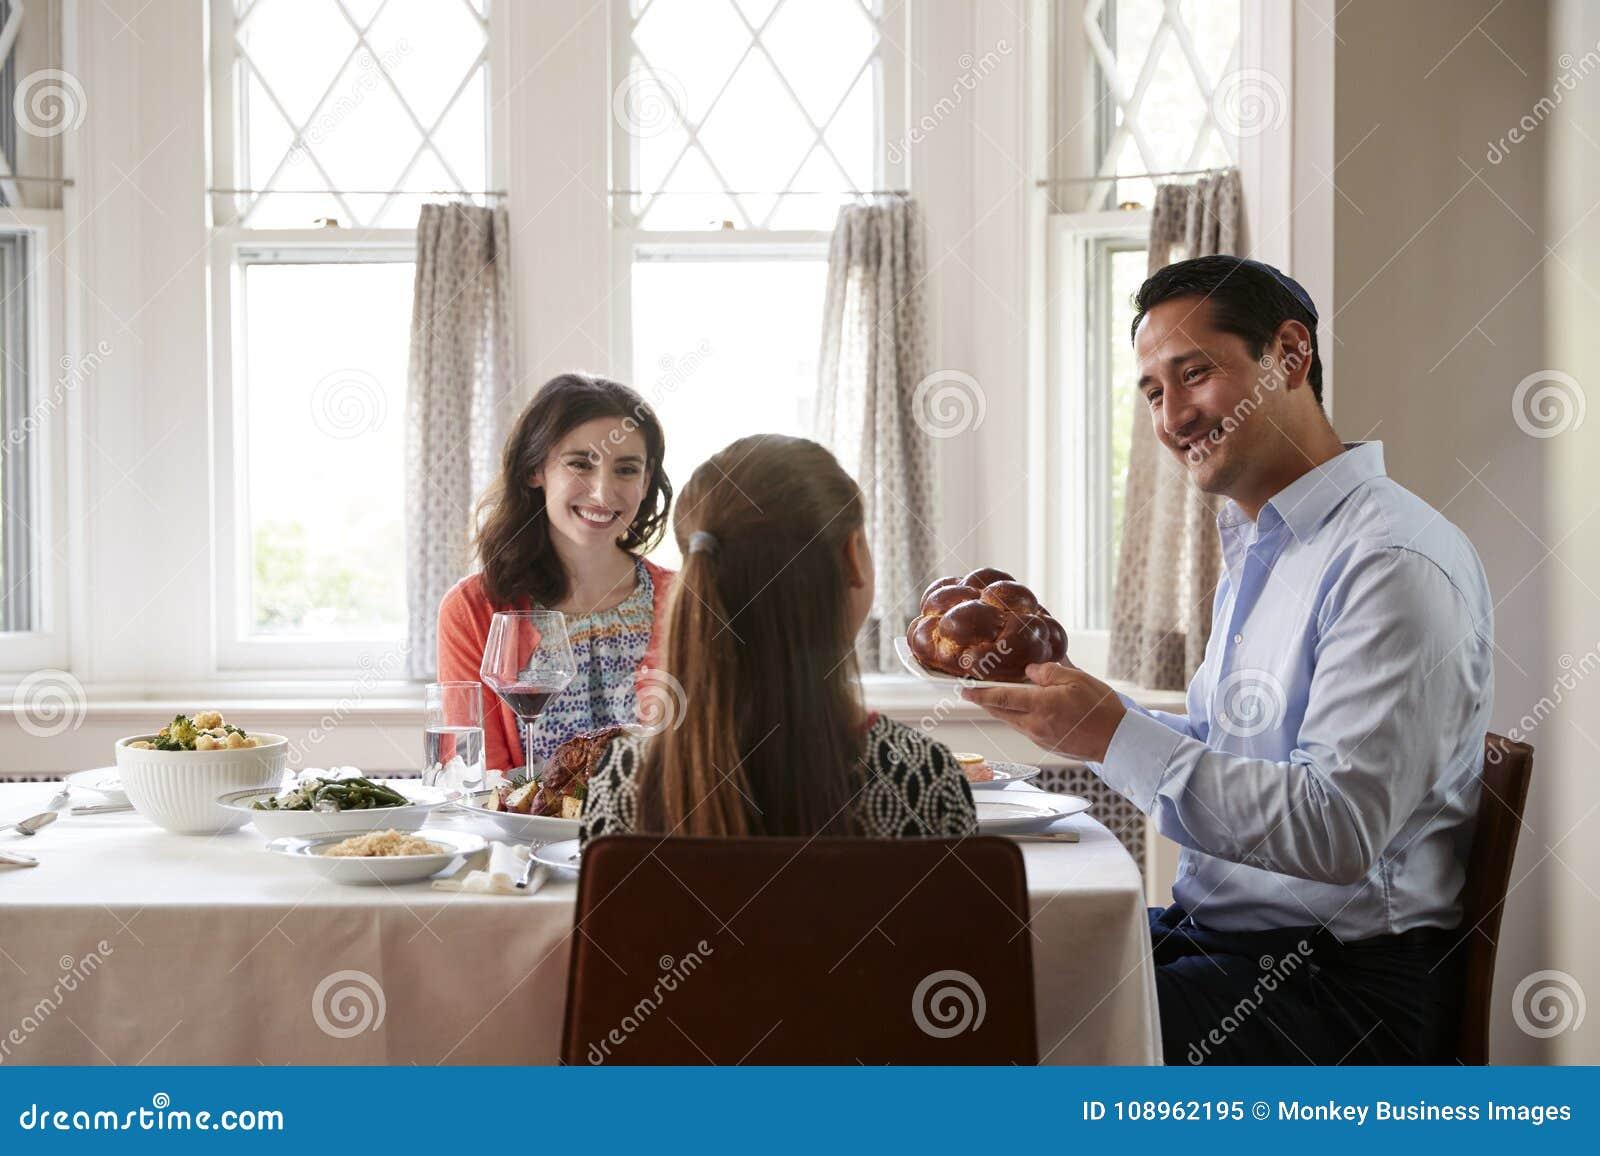 Εβραϊκό ψωμί εκμετάλλευσης ατόμων challah στο γεύμα Shabbat με την οικογένεια